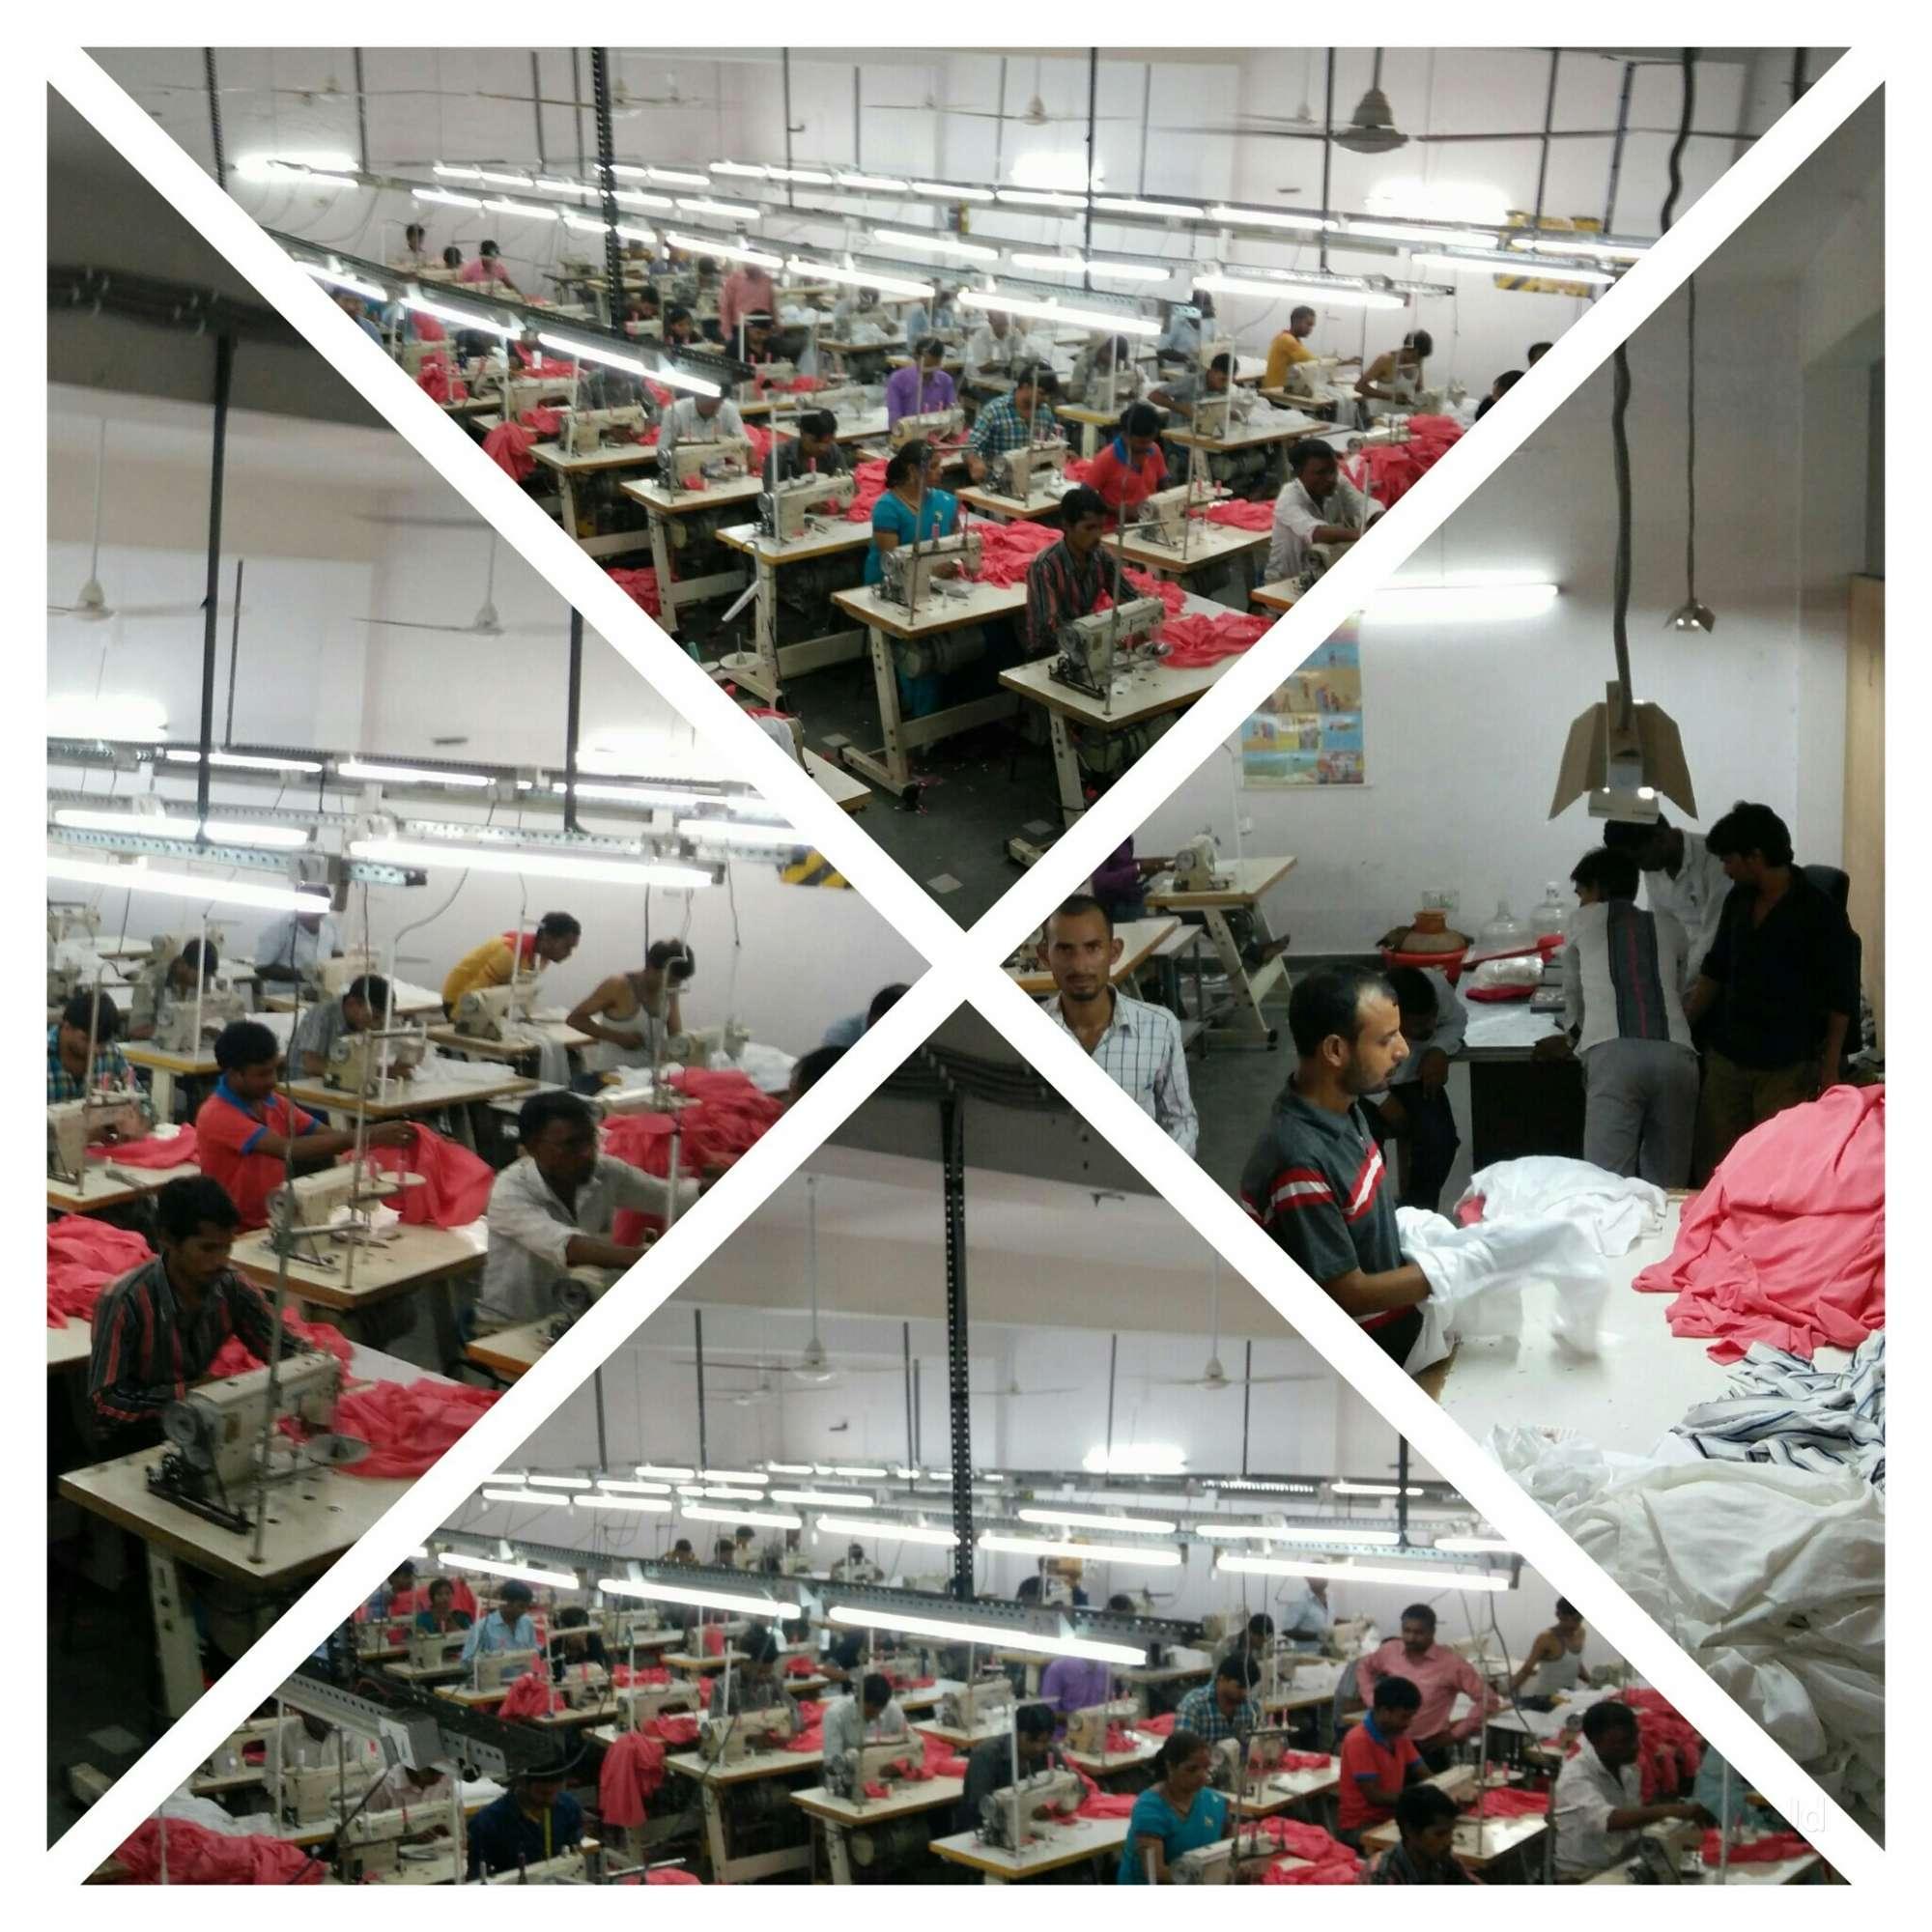 Top 100 Export House in Noida Sector 63, Delhi - Justdial